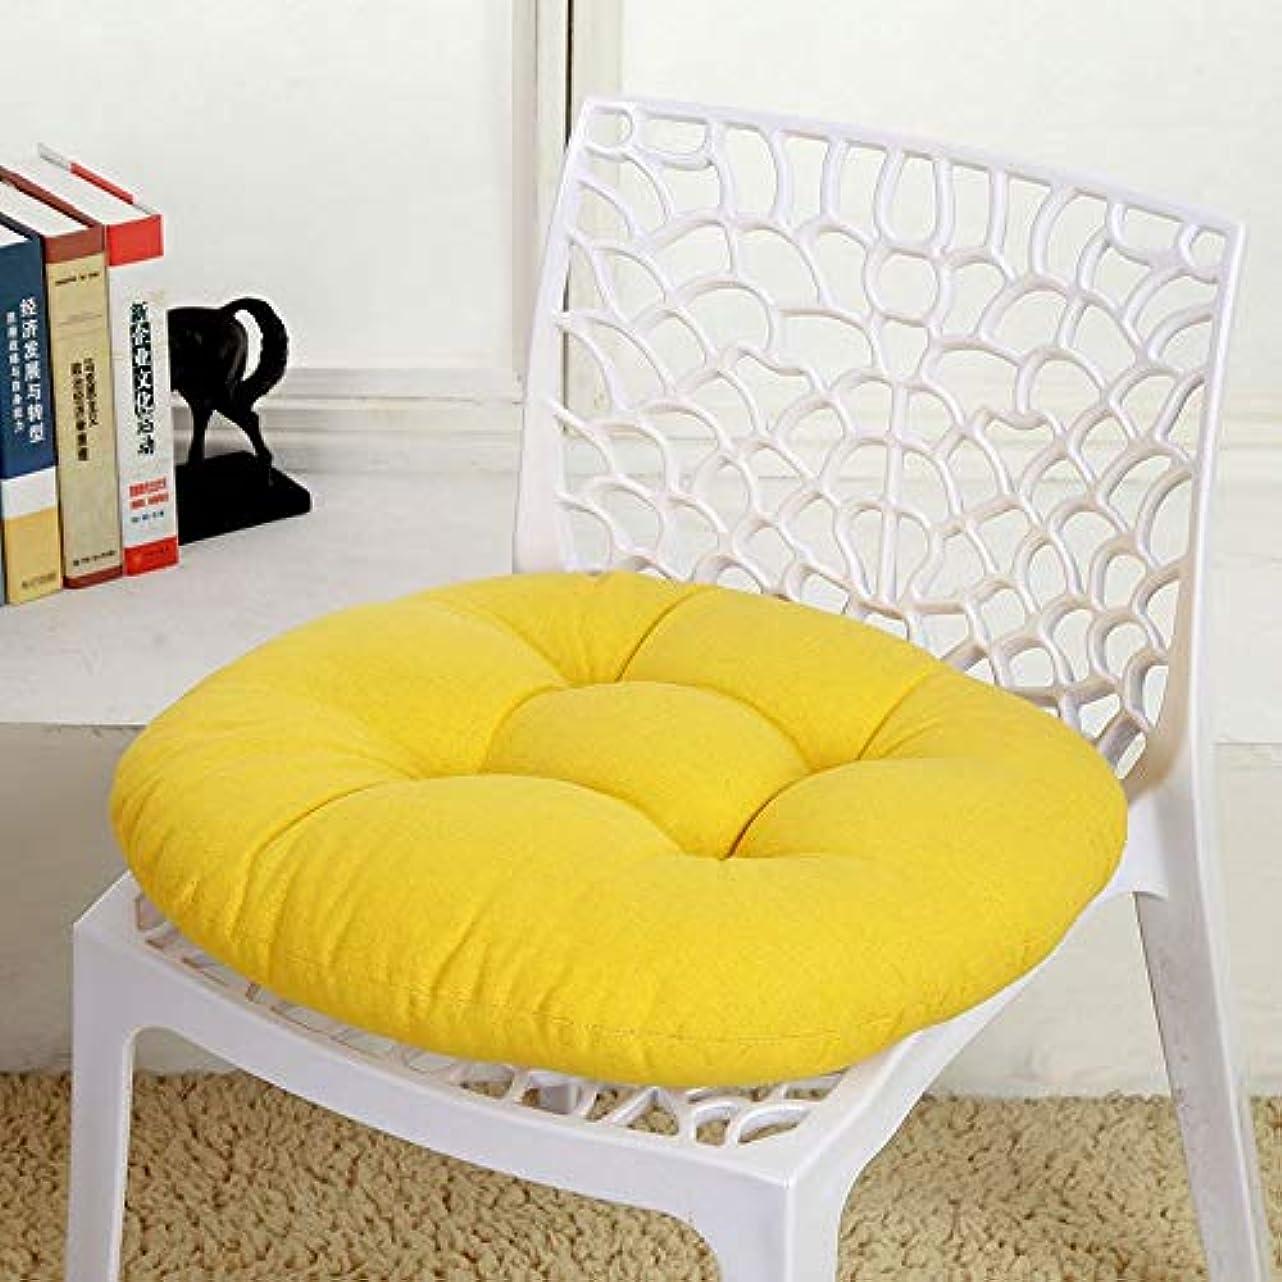 通知種本物LIFE キャンディカラーのクッションラウンドシートクッション波ウィンドウシートクッションクッション家の装飾パッドラウンド枕シート枕椅子座る枕 クッション 椅子